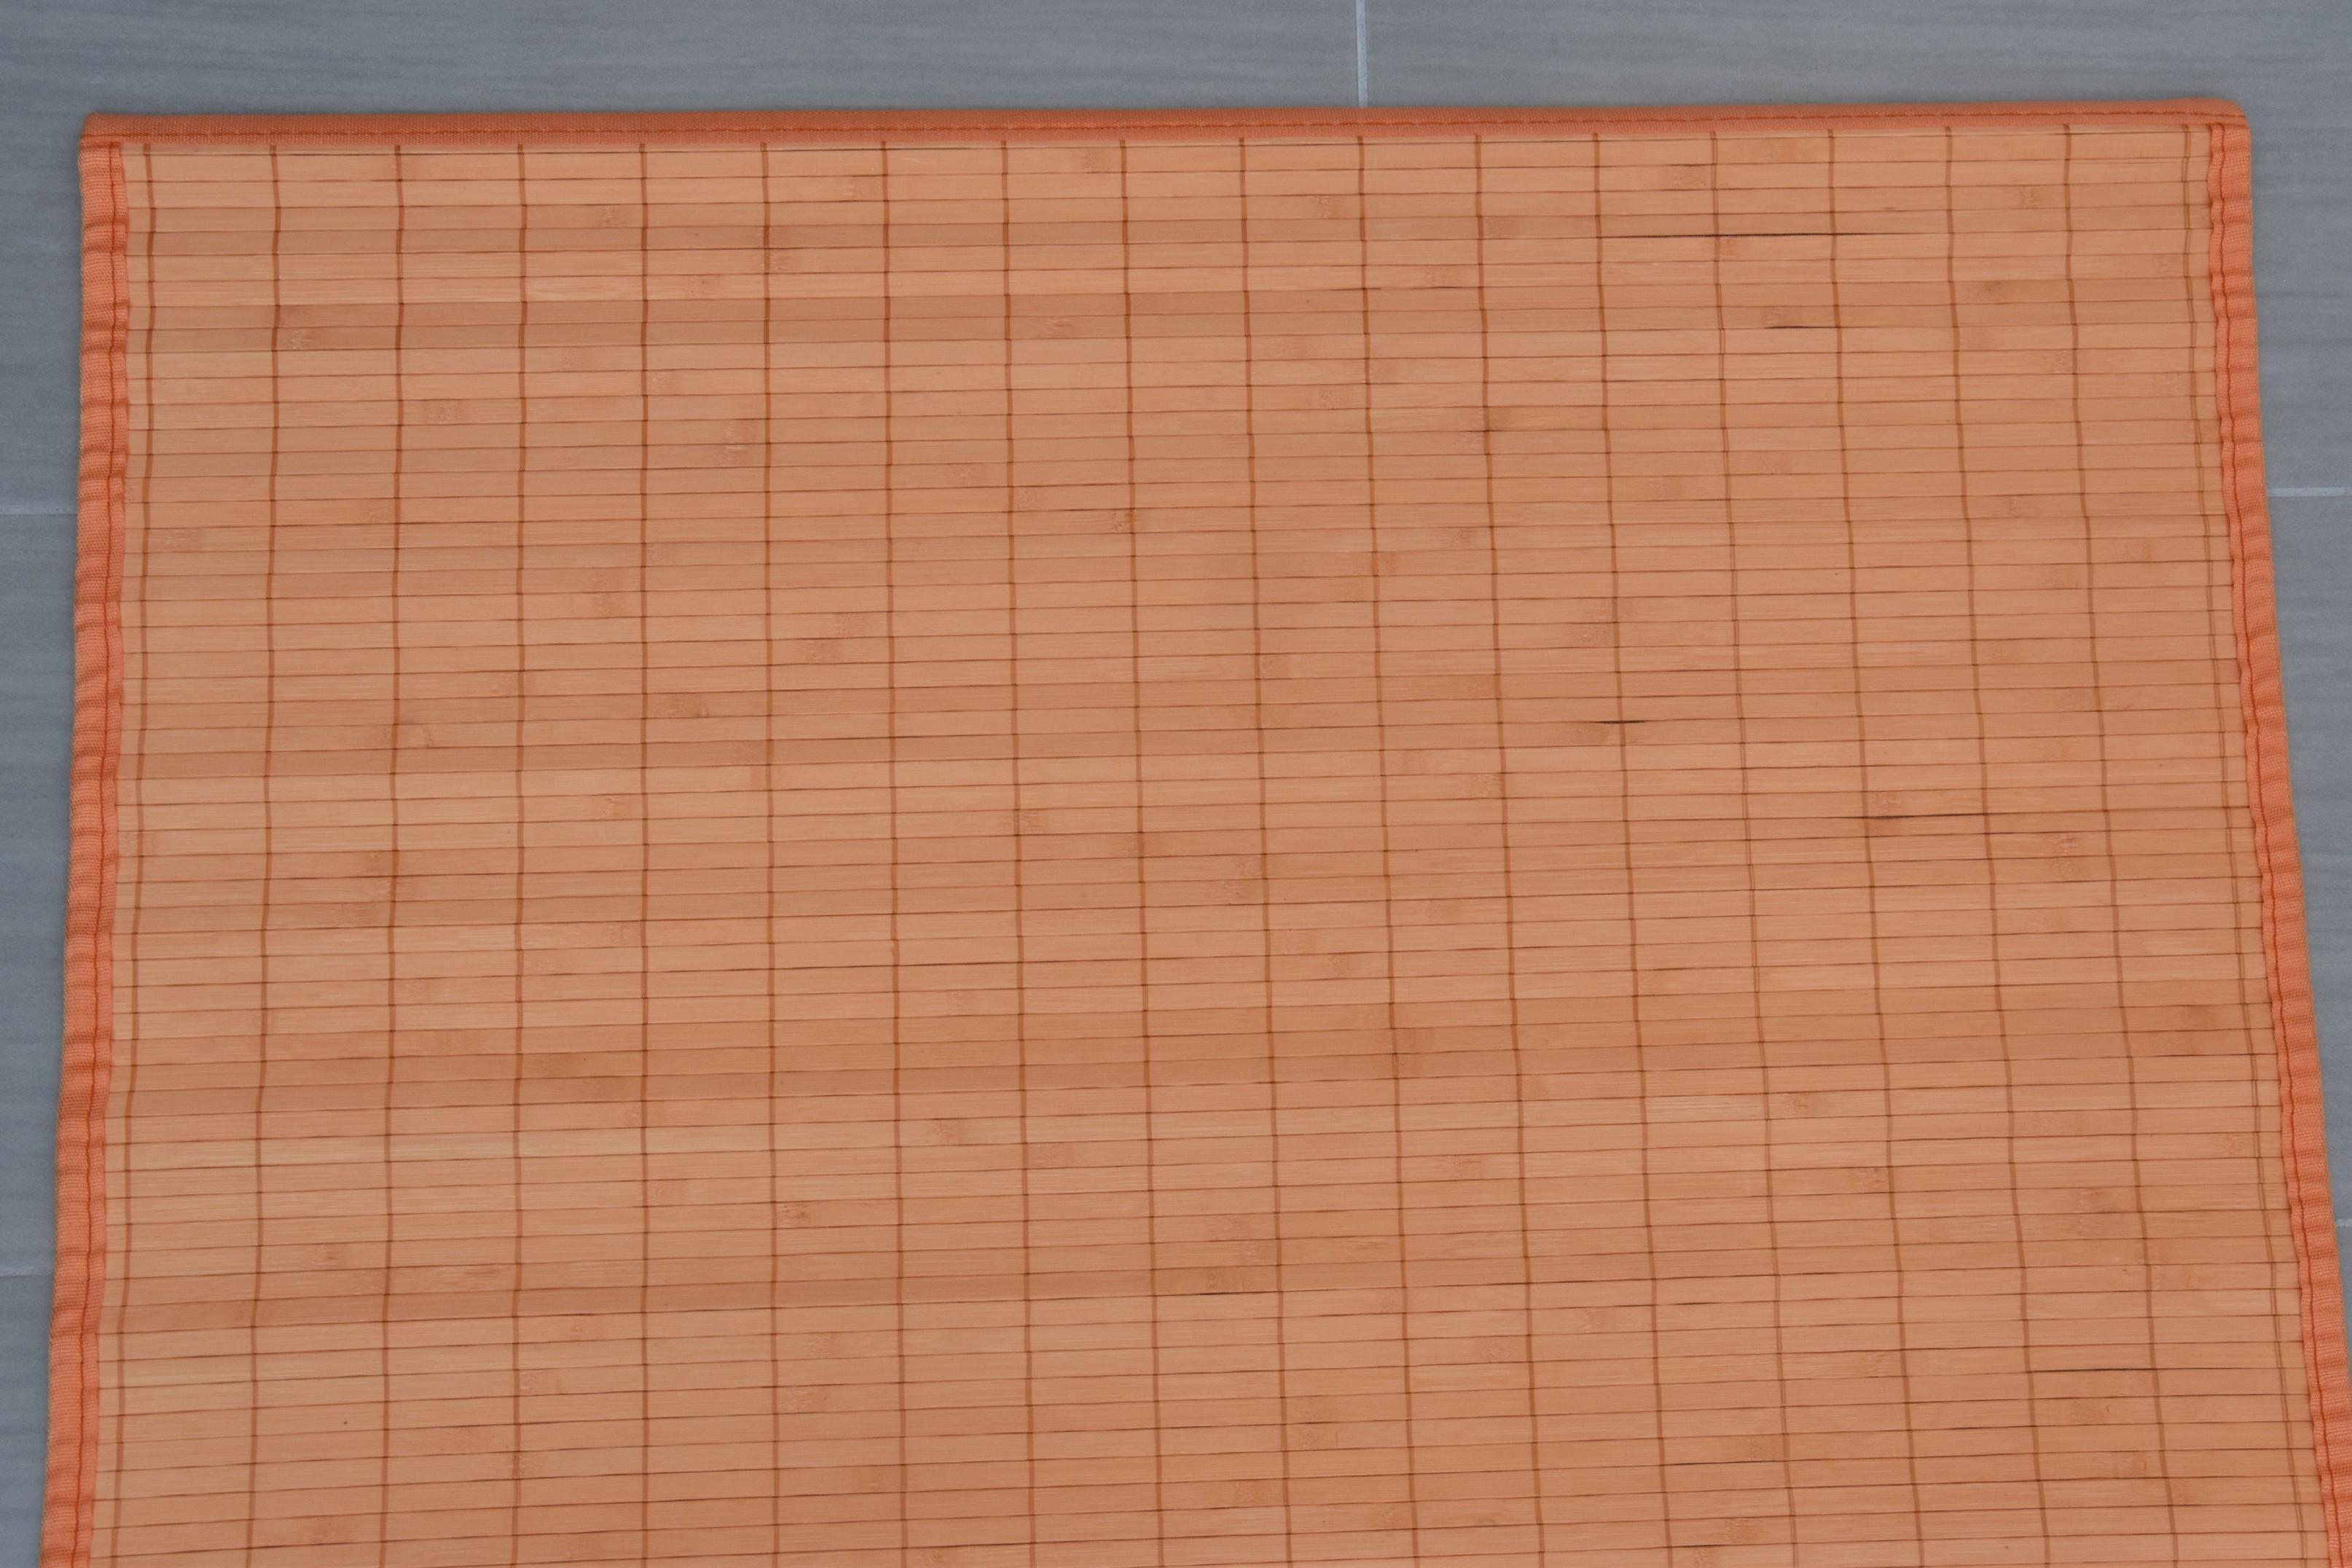 Rohož za postel oranžová Rozměry: 70x200